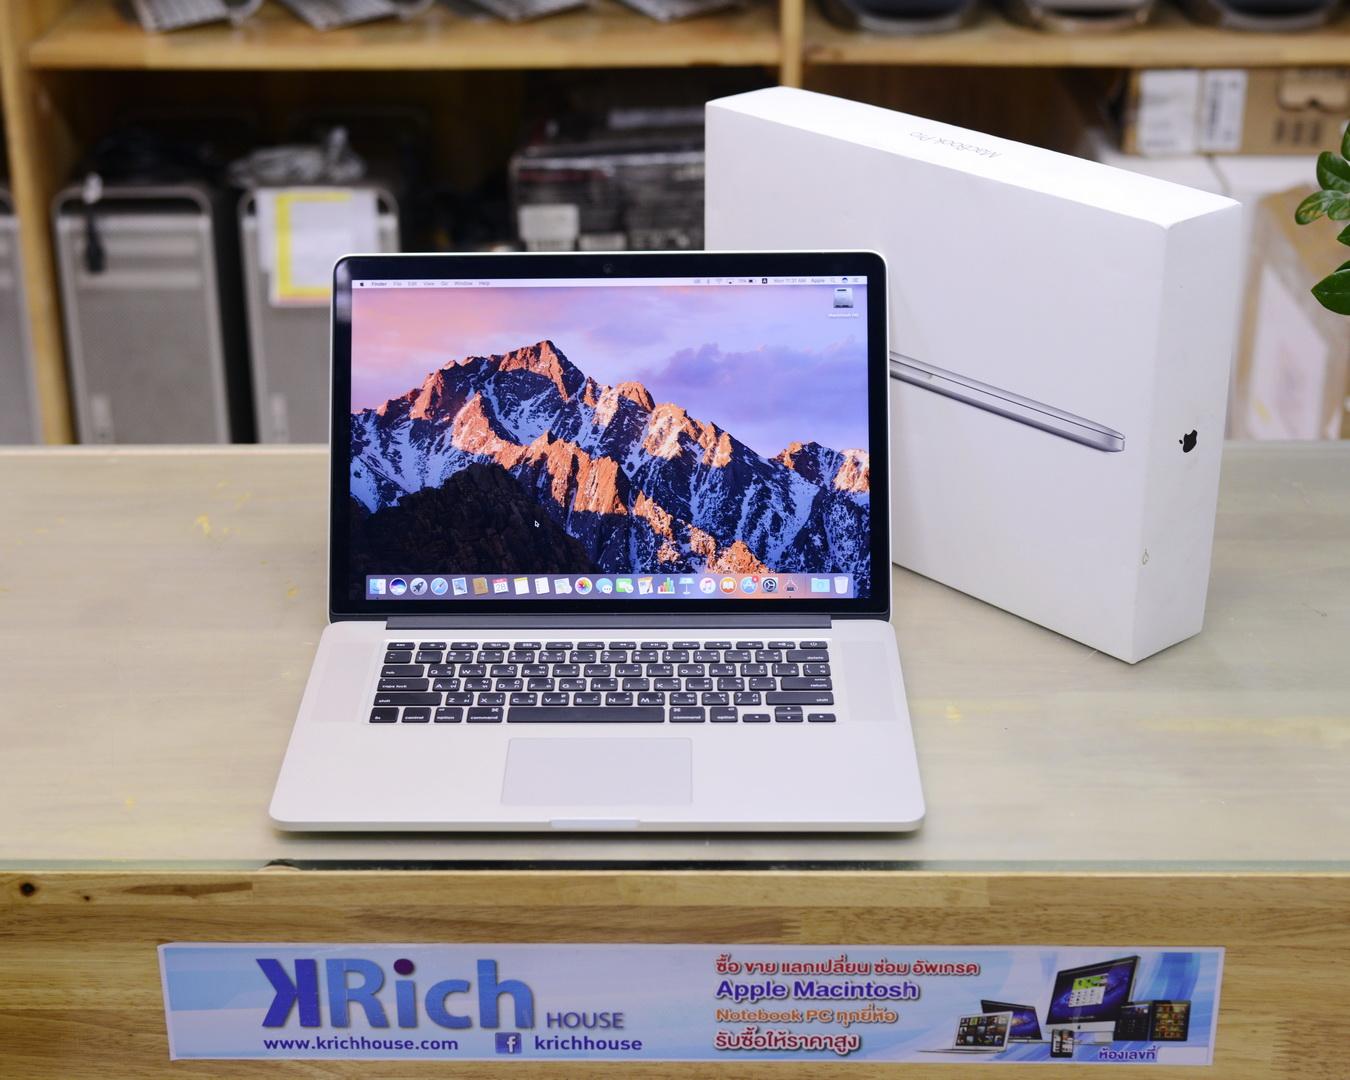 MacBook Pro (Retina 15-inch Mid 2014) Quad-Core i7 2.2GHz RAM 16GB SSD 256GB - Fullbox